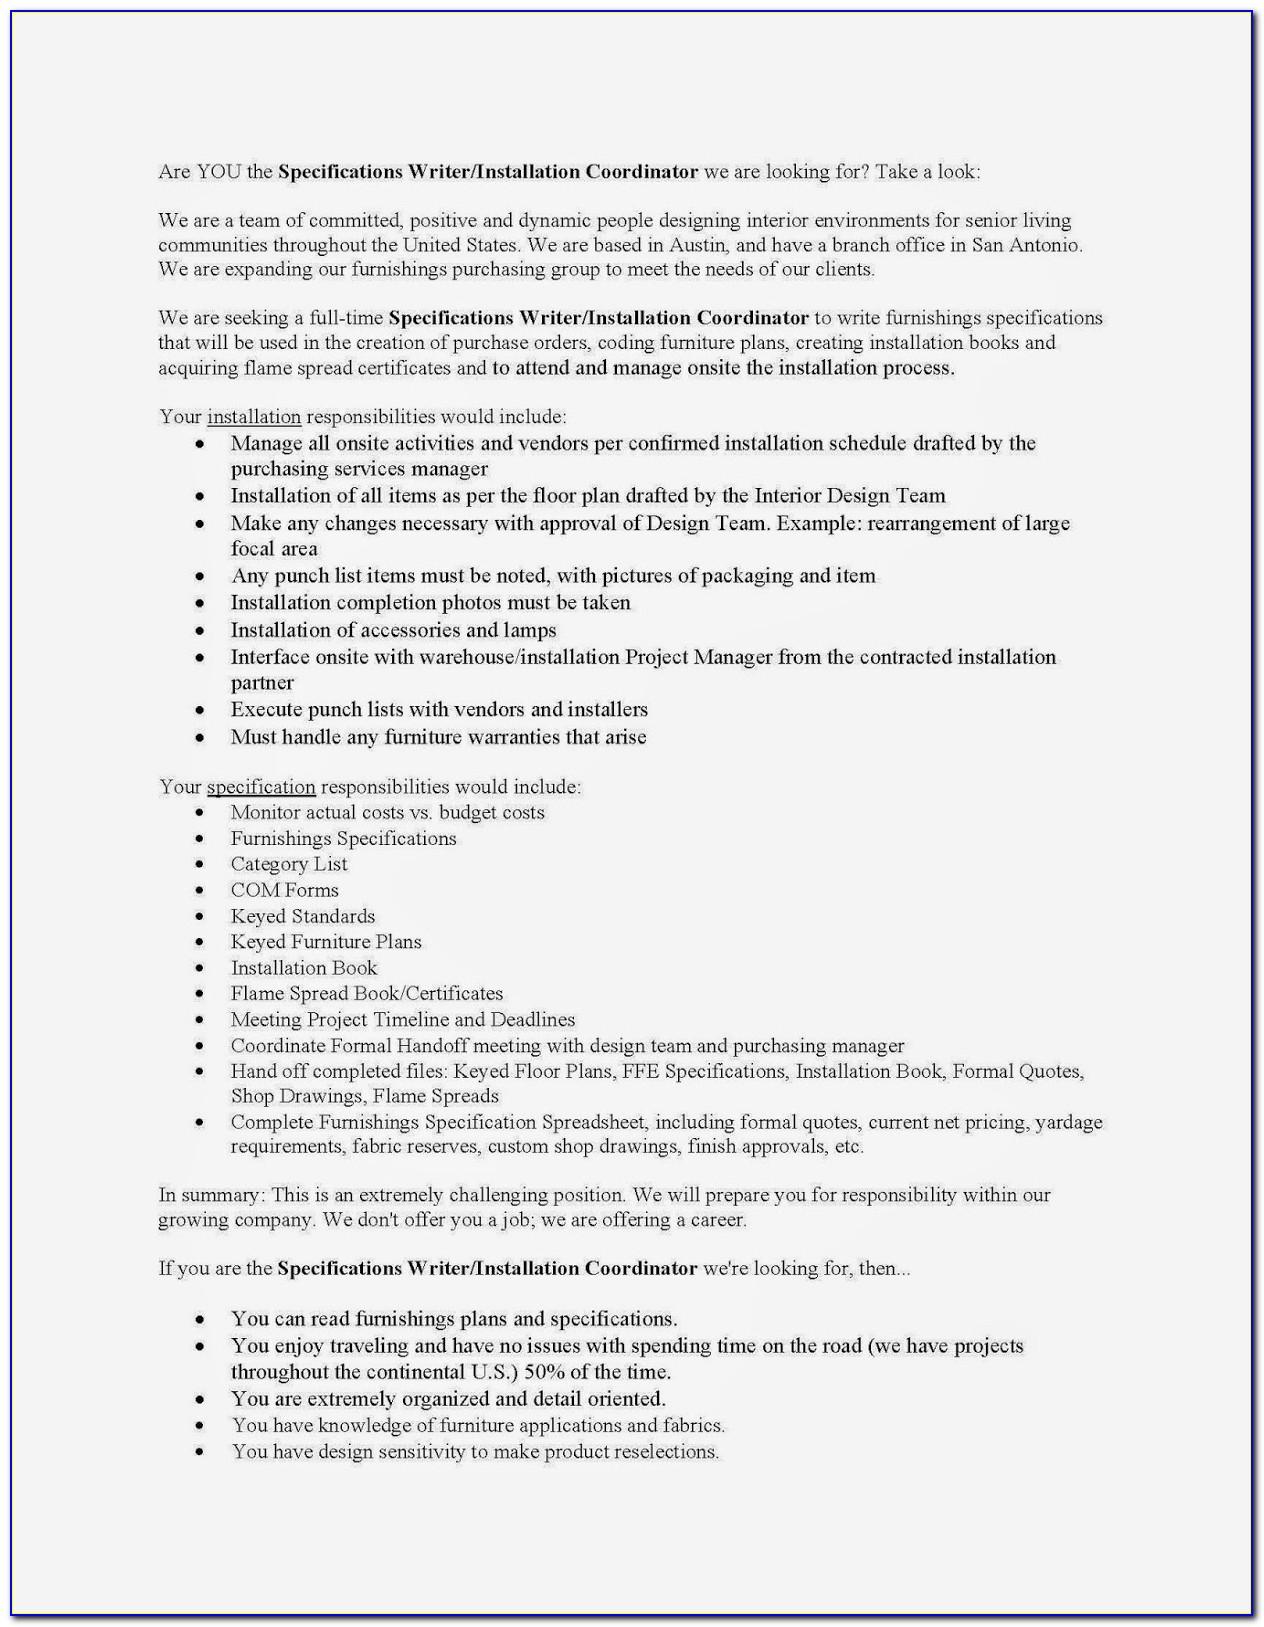 Resume Writing Services Houston Texas